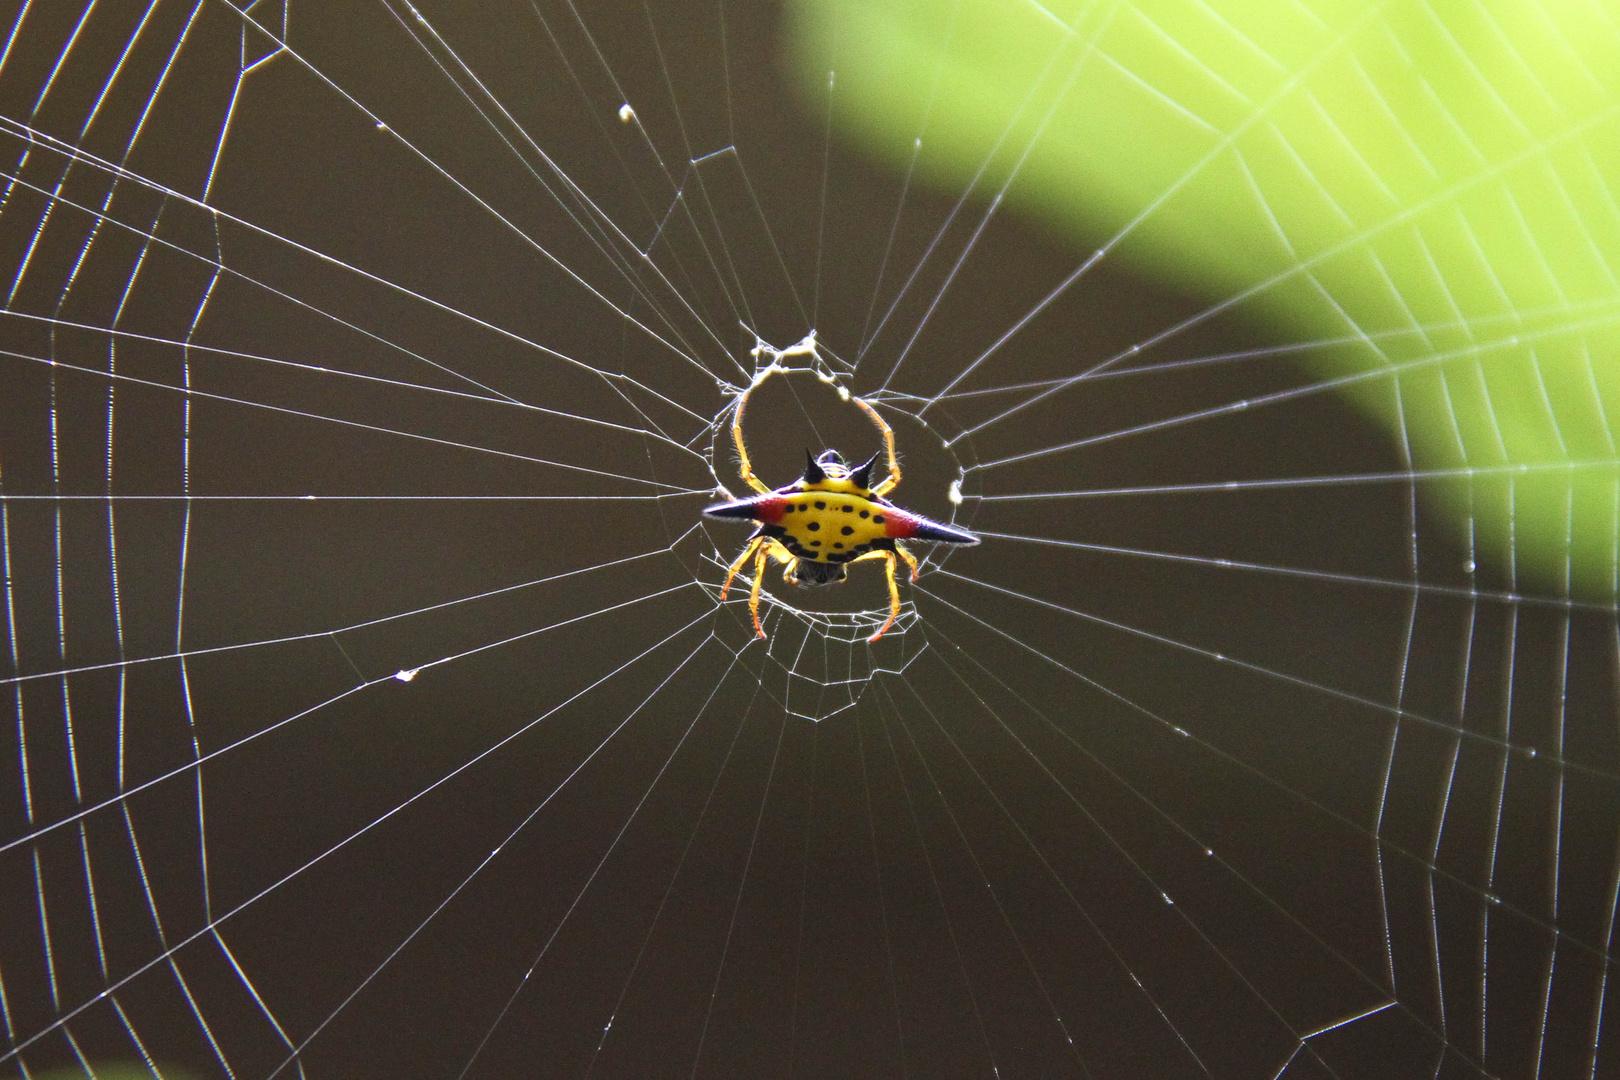 Spiderman comes...